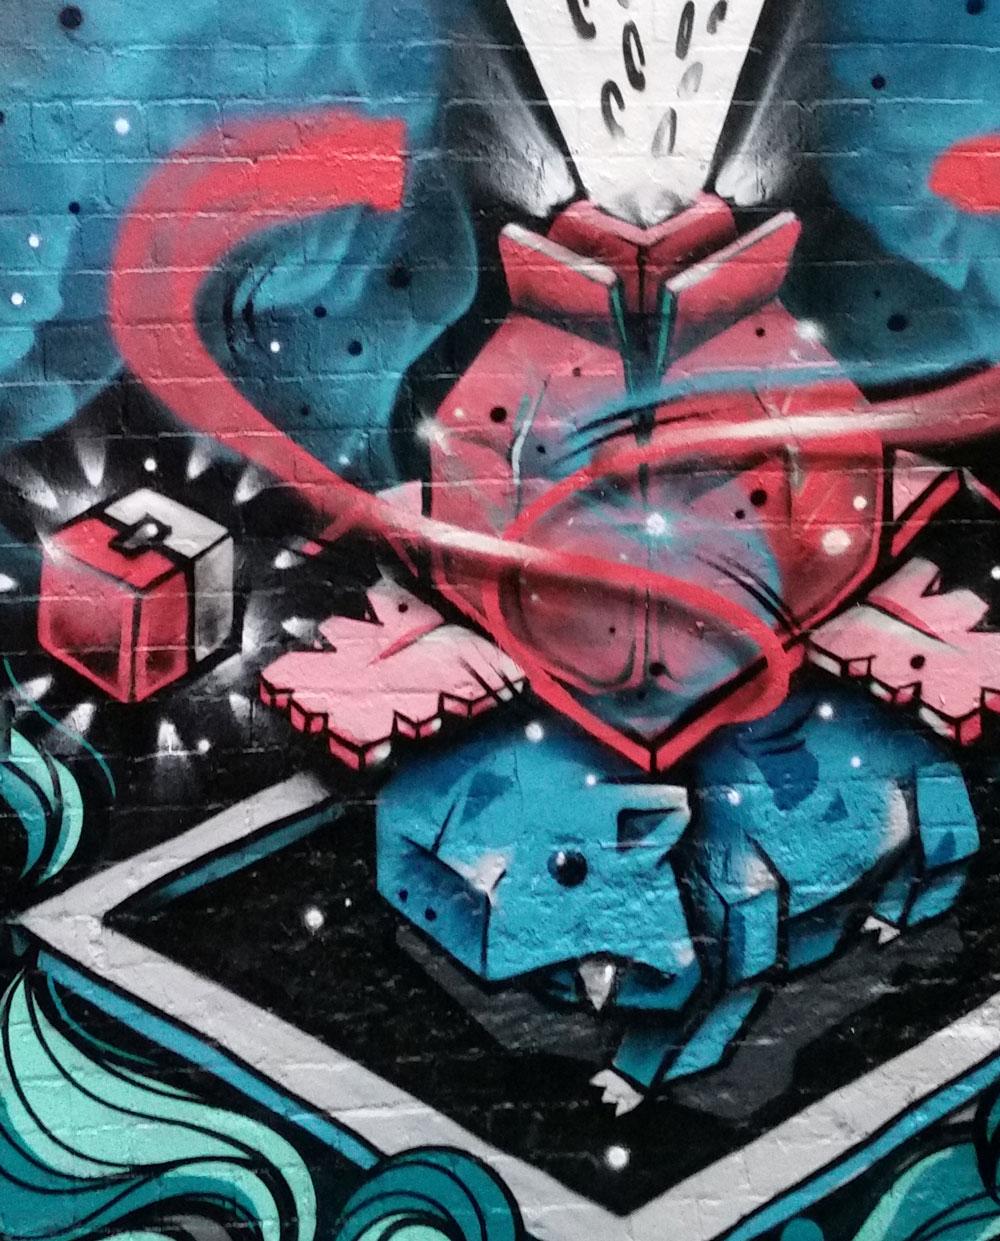 BOXASAURUS - BlockamonGO - ACDC Lane, Melbourne